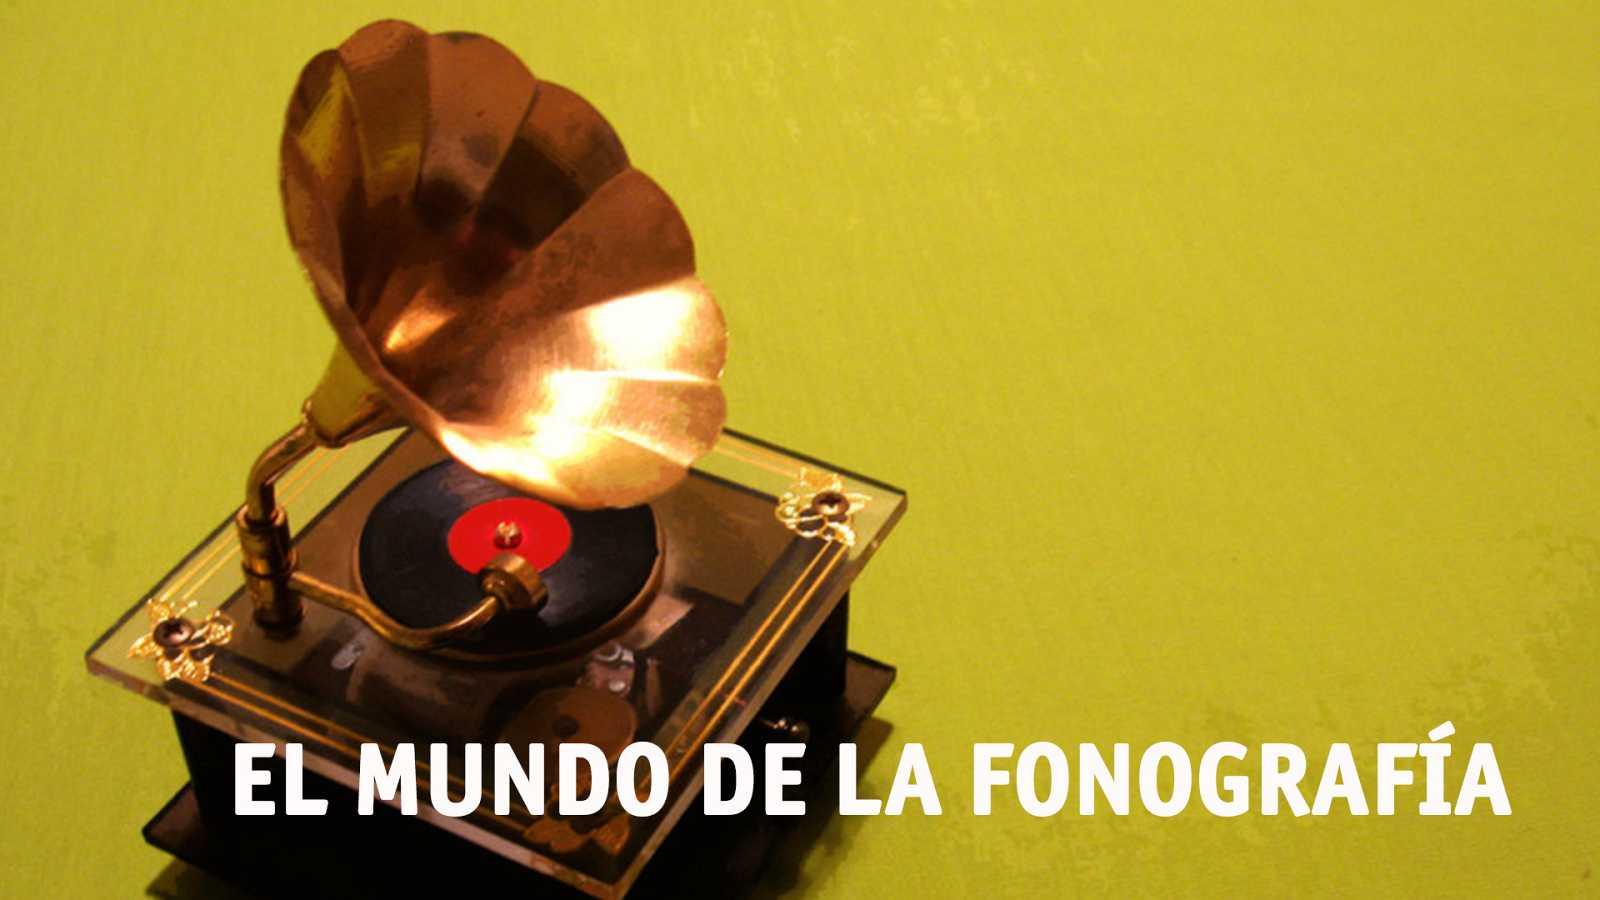 El mundo de la fonografía - 10/12/16 - escuchar ahora